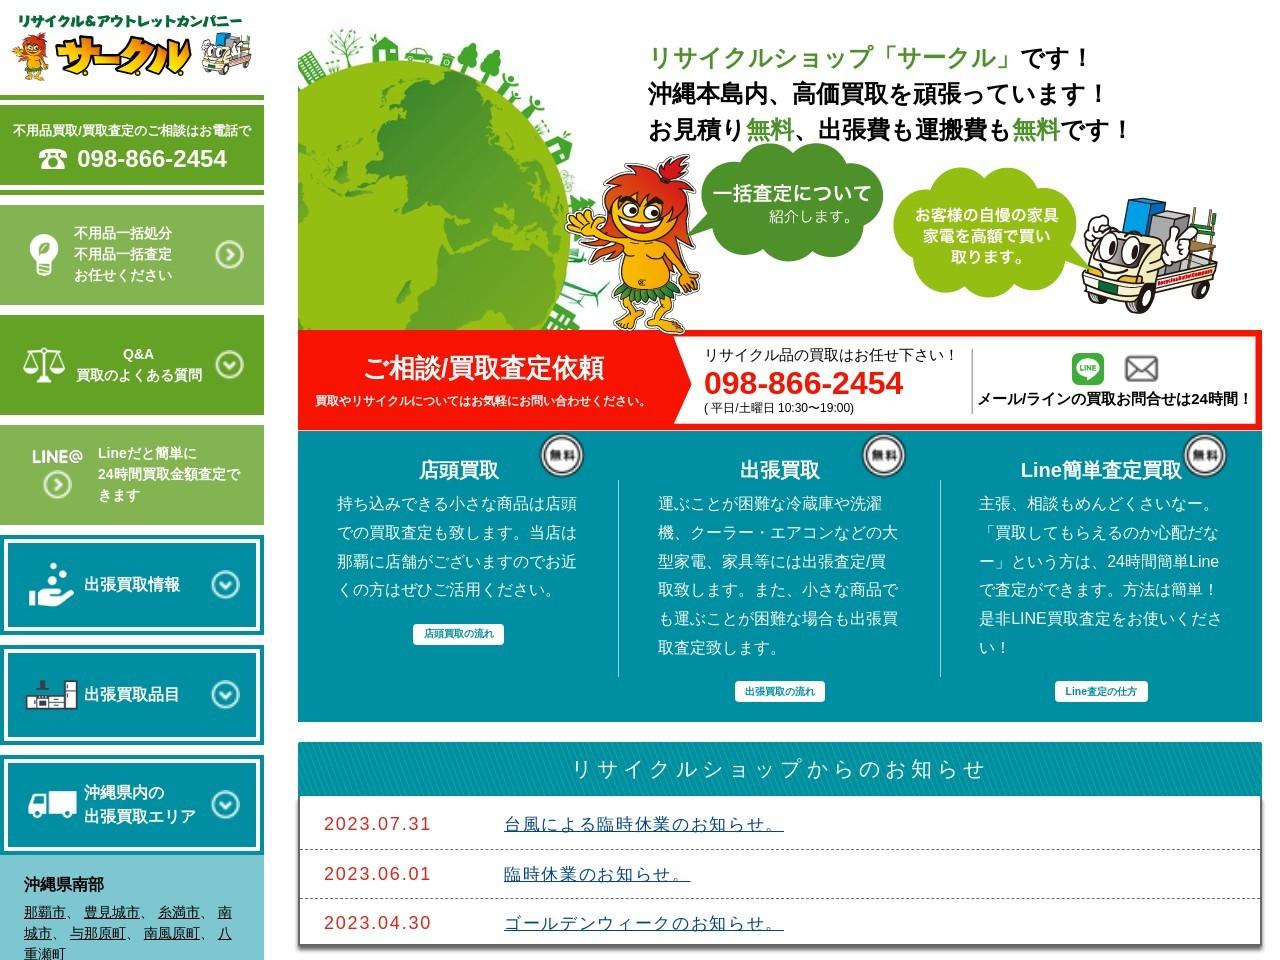 沖縄No1のエアコン・家電・家具の買い取り実績を目指す